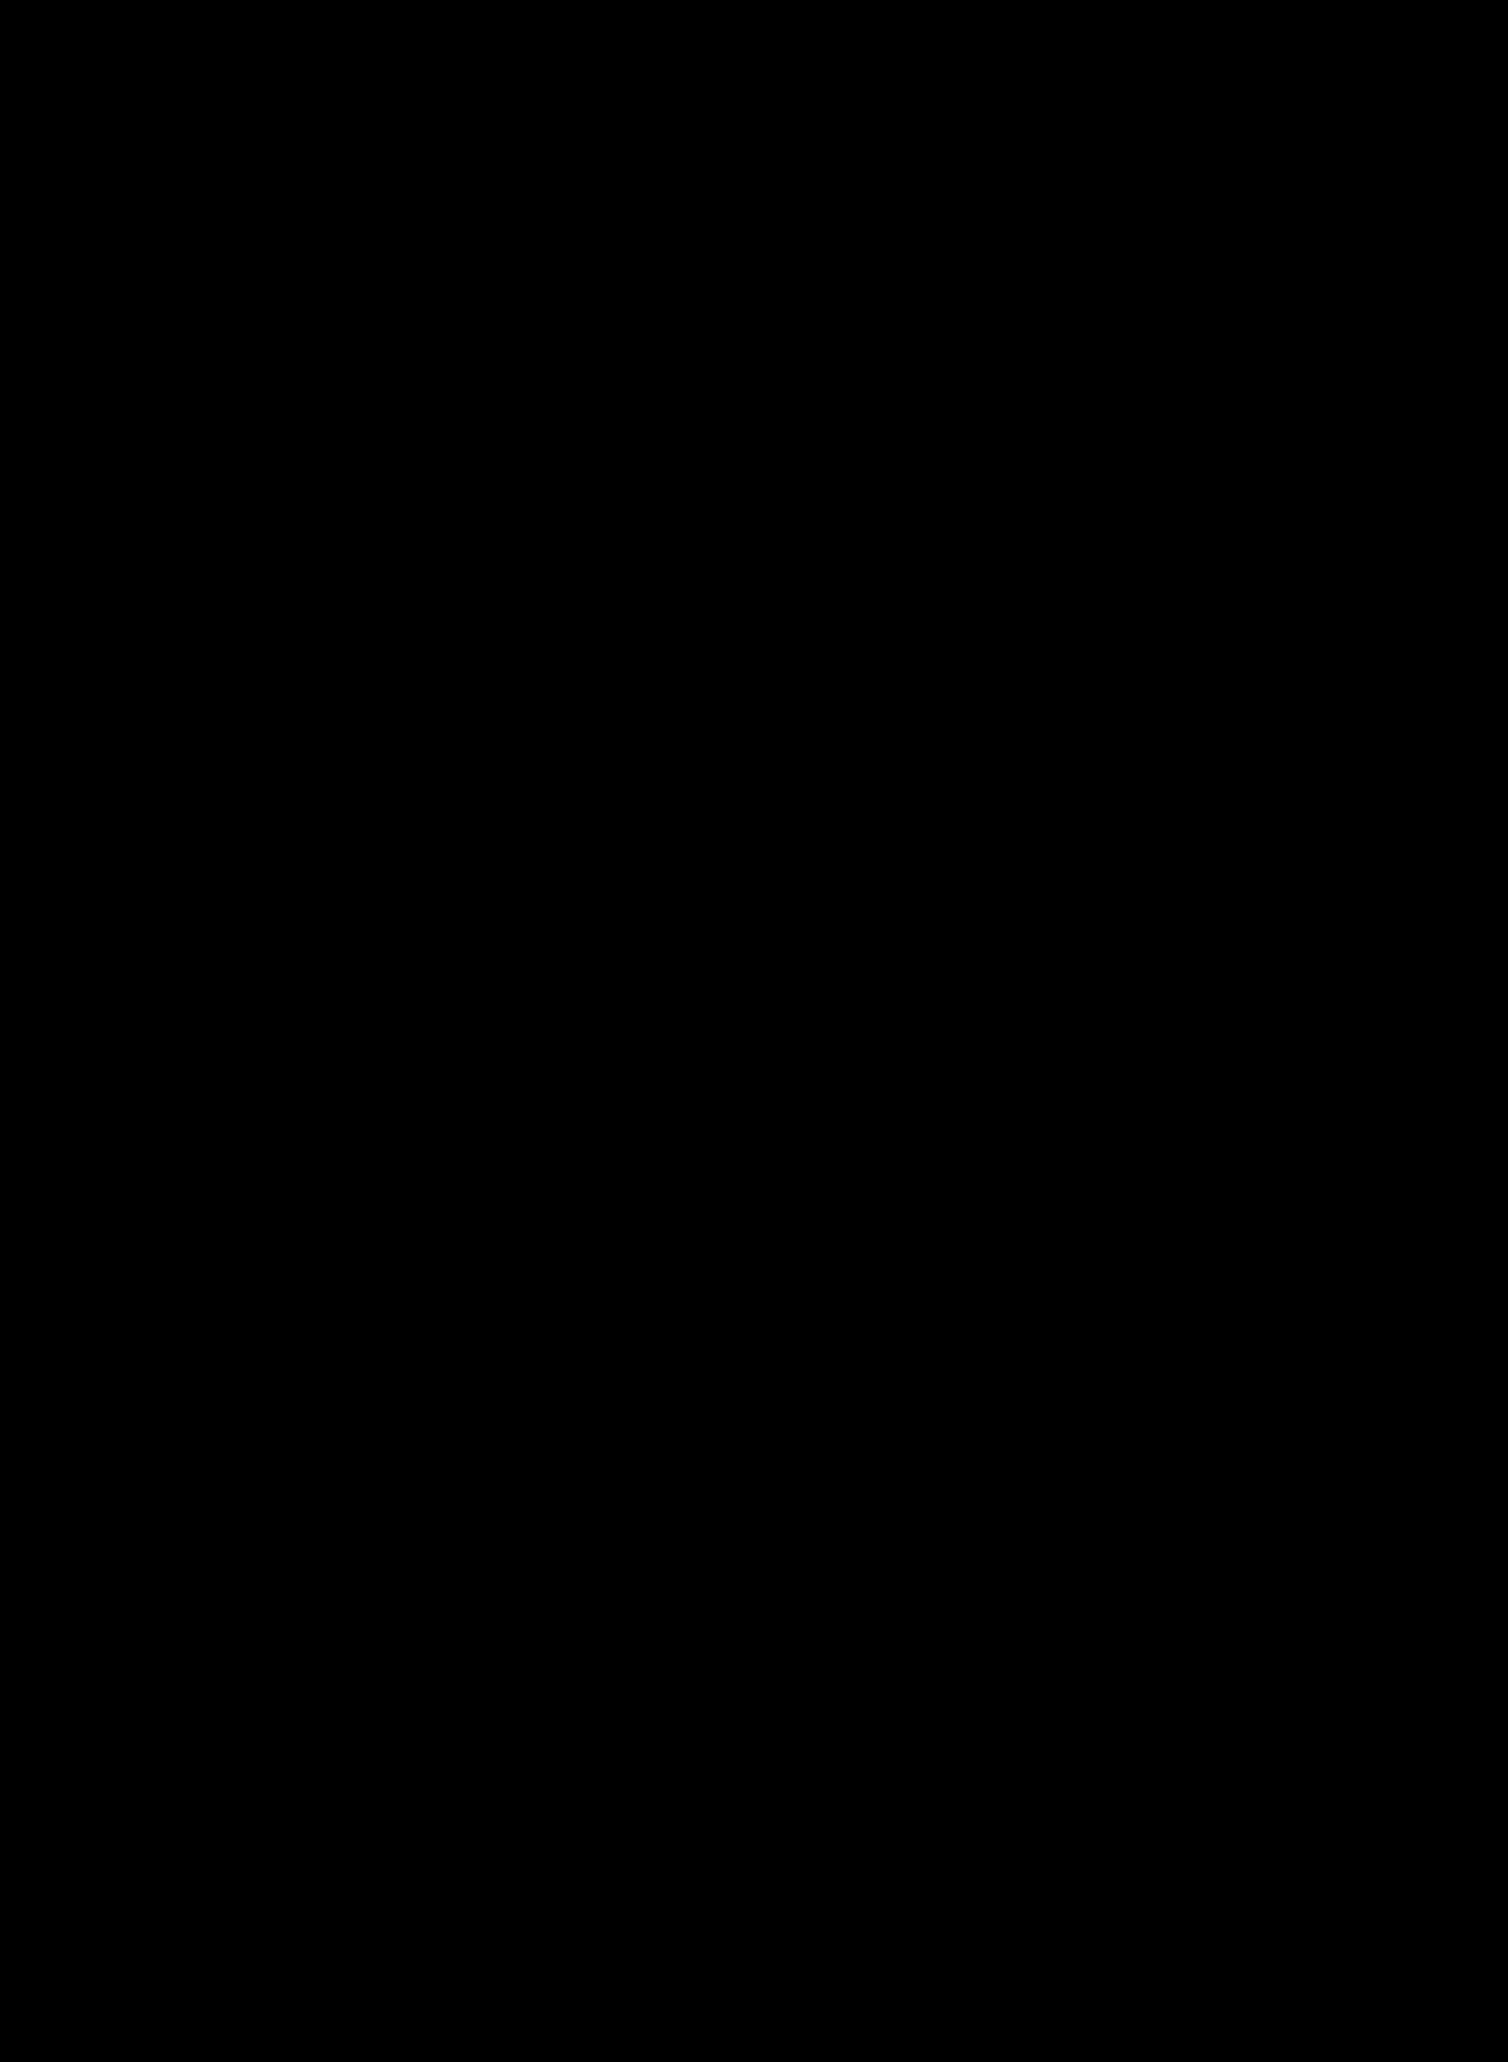 PNG Kneeling - 43384